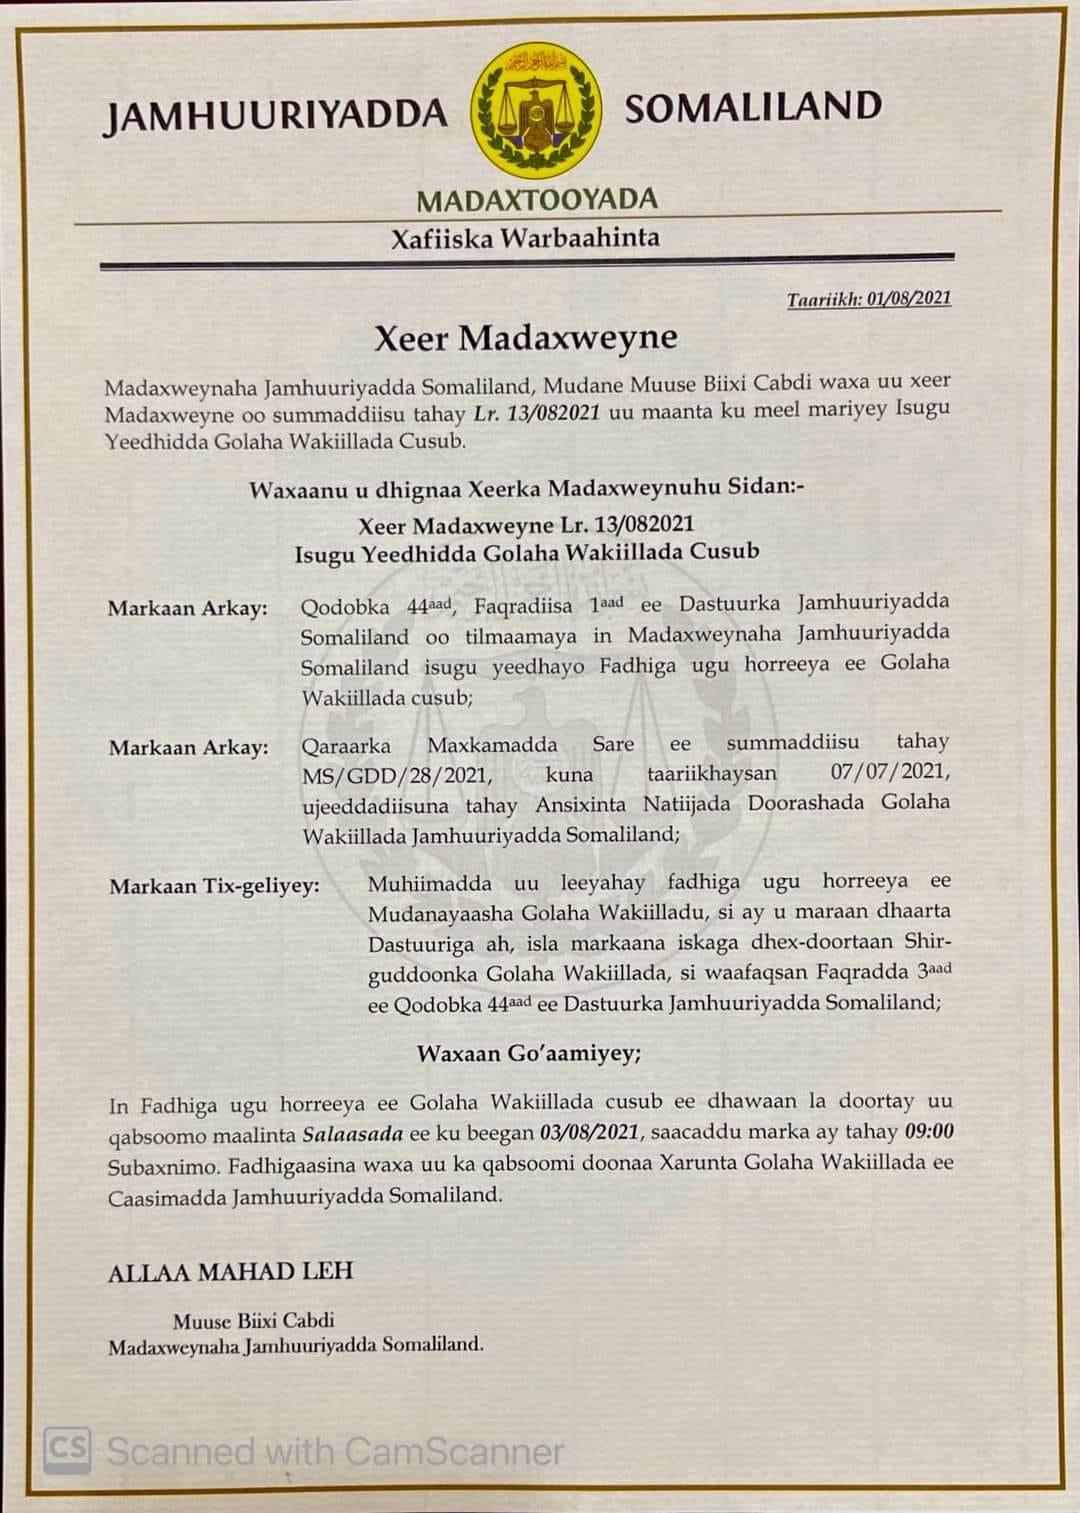 Madaxweynaha Somaliland ayaa ku dhawaaqey in fadhiga Koowaad ee Golaha Wakiillada cusub uu noqon doono maalinta Salaasada ee toddobaadkan.